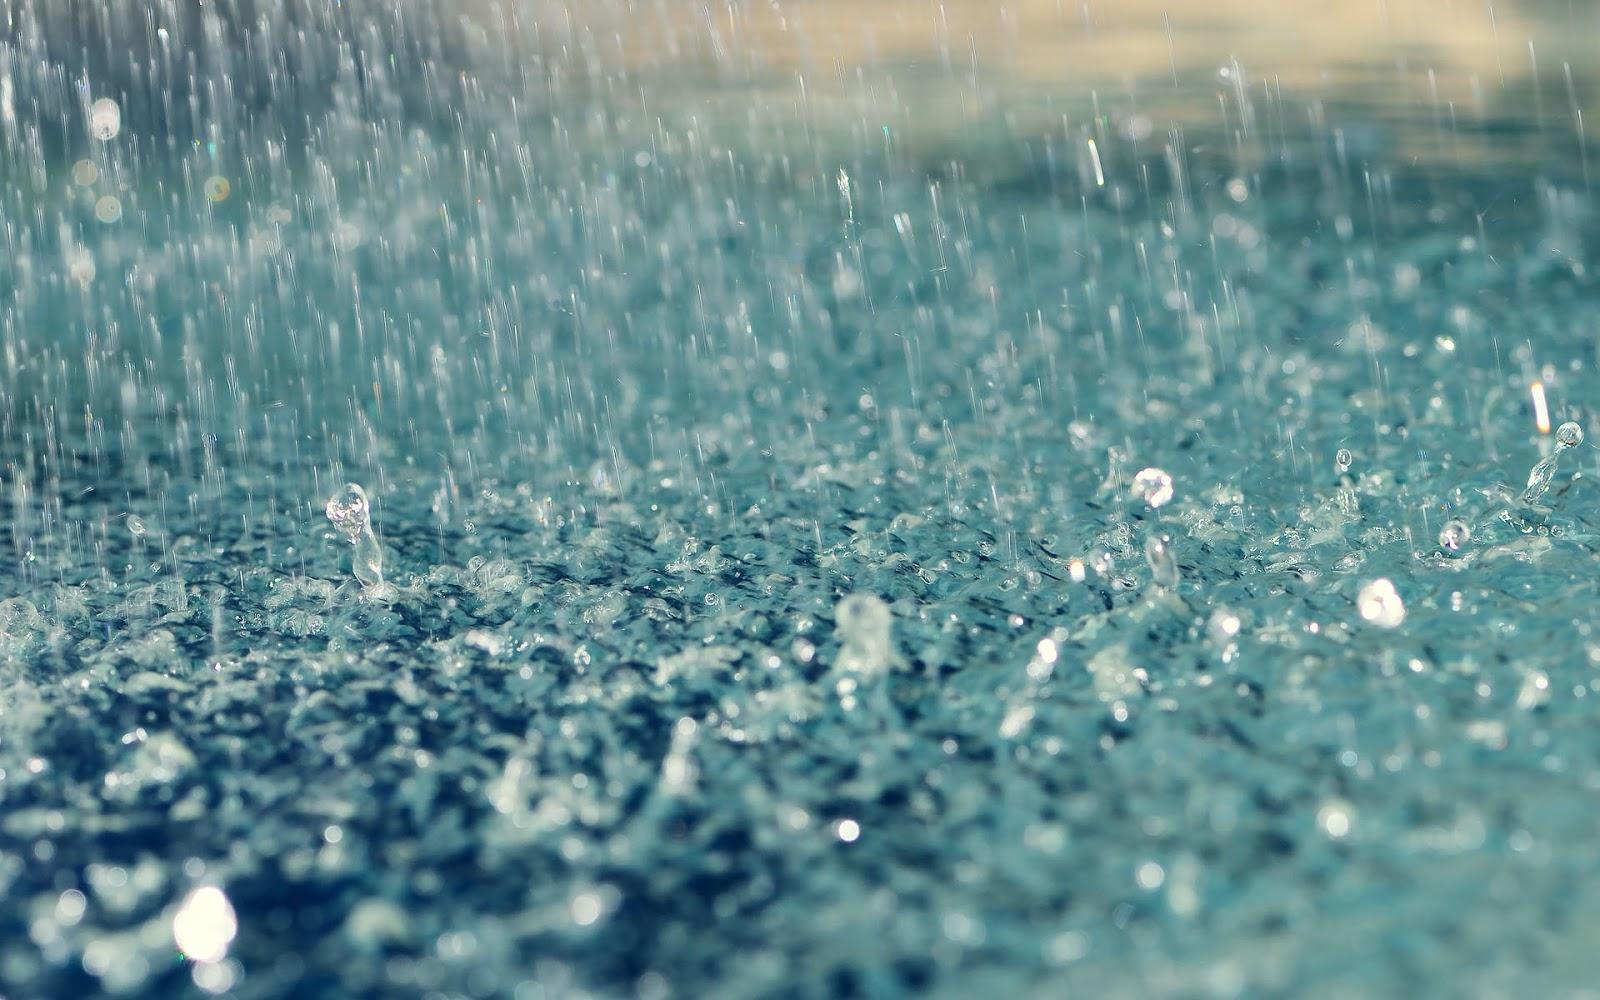 Hd Regen Achtergronden En Foto S Mooie Leuke HD Wallpapers Download Free Images Wallpaper [1000image.com]